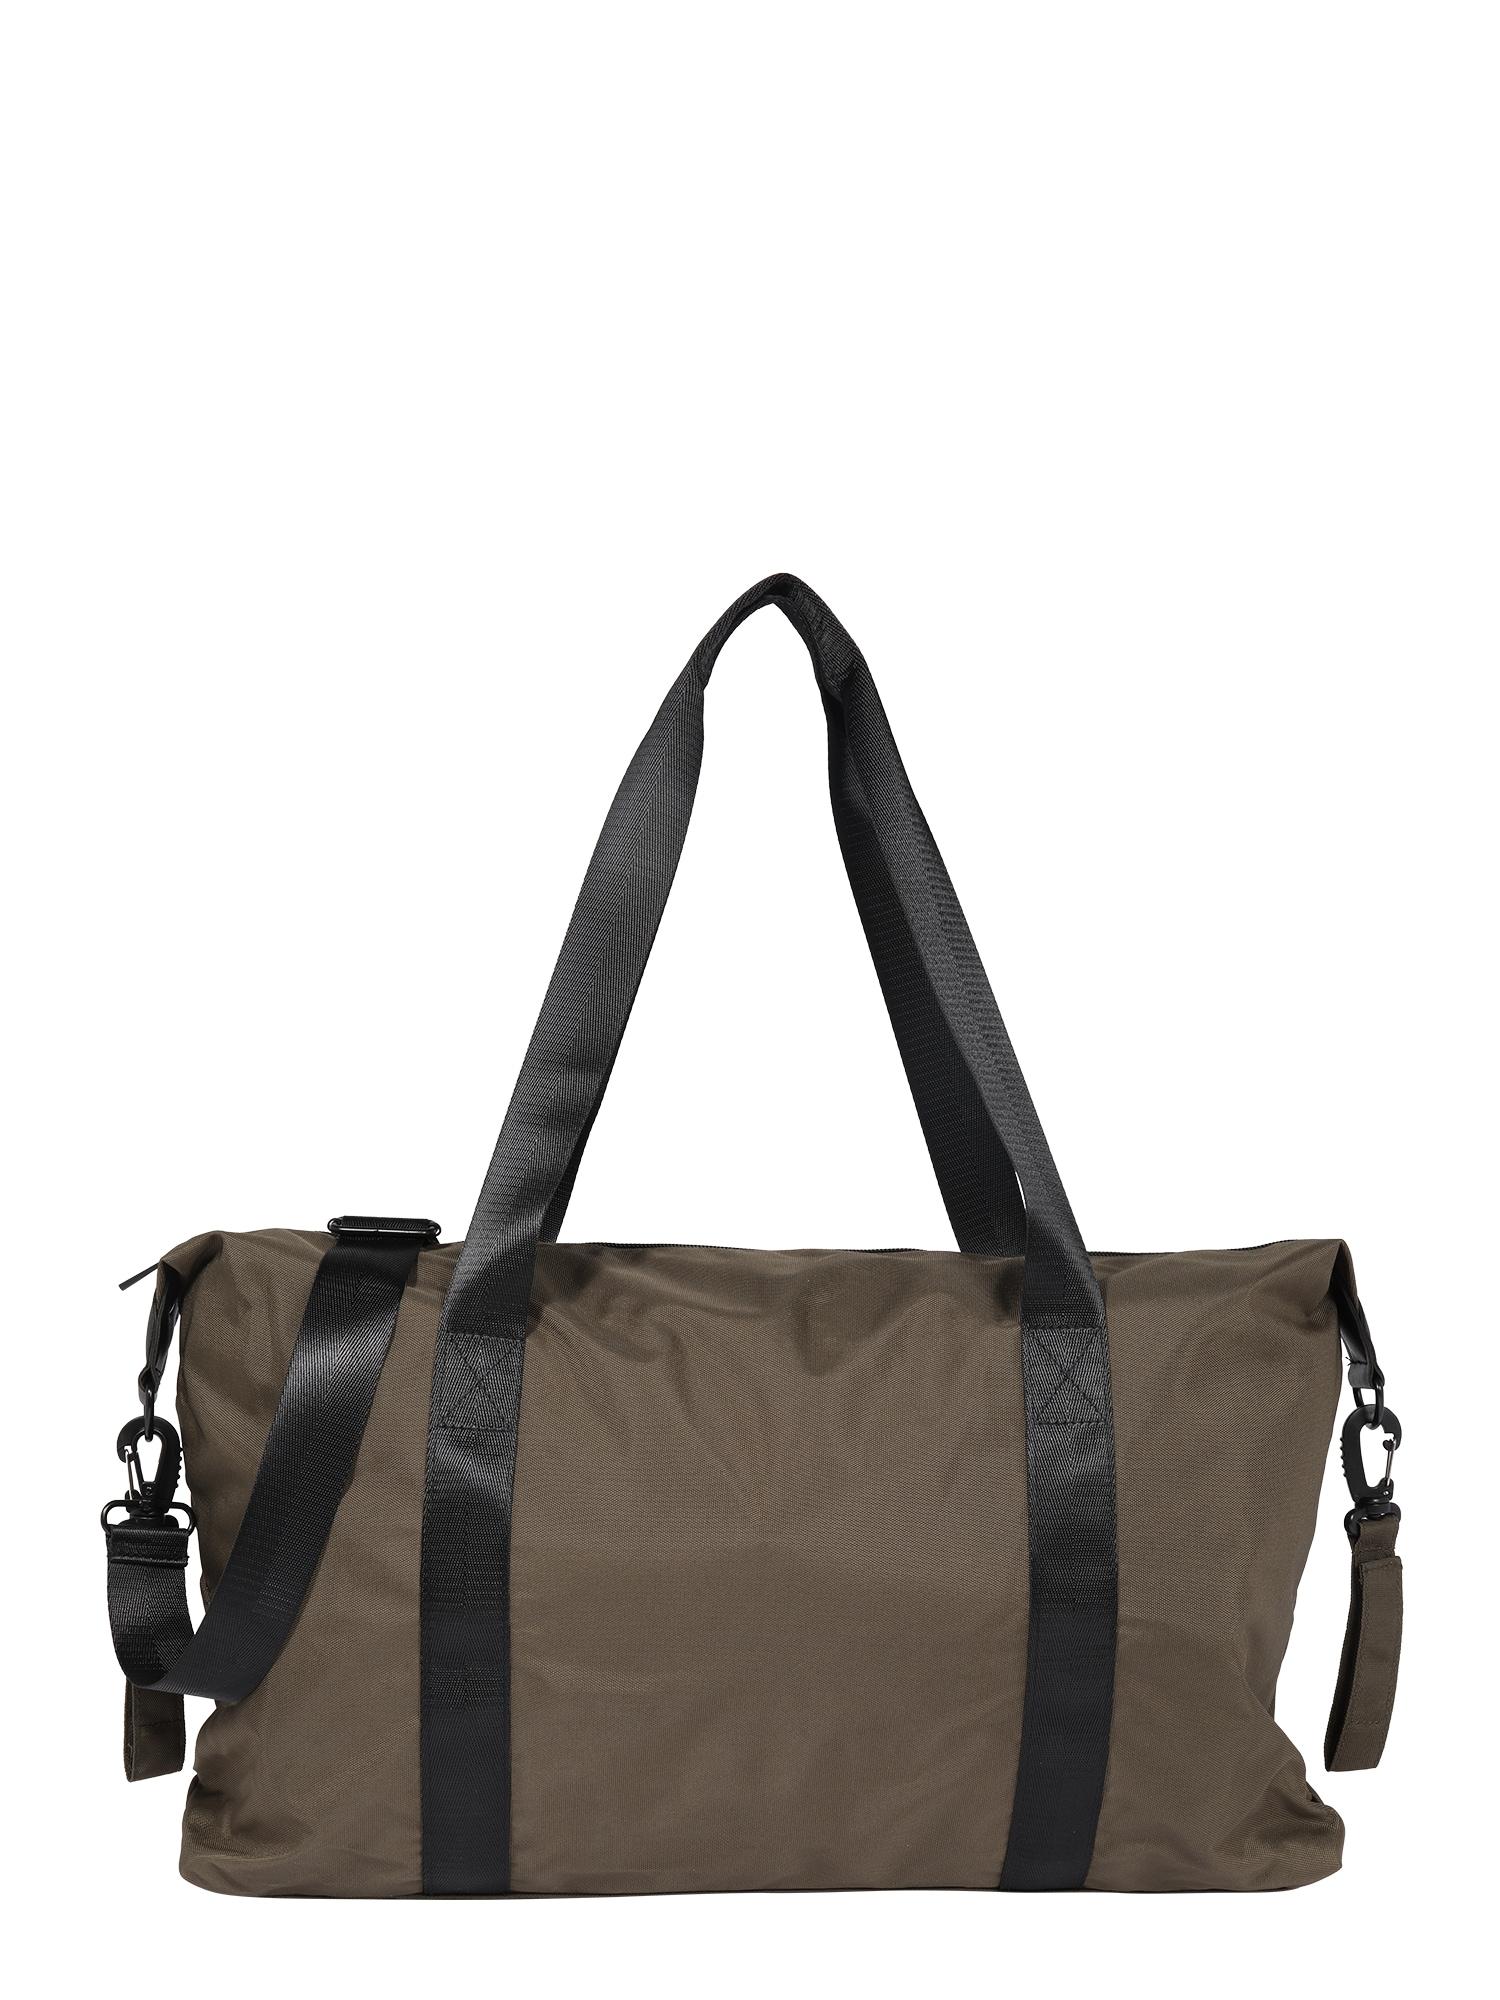 MAMALICIOUS Mamos krepšys juoda / rusvai žalia